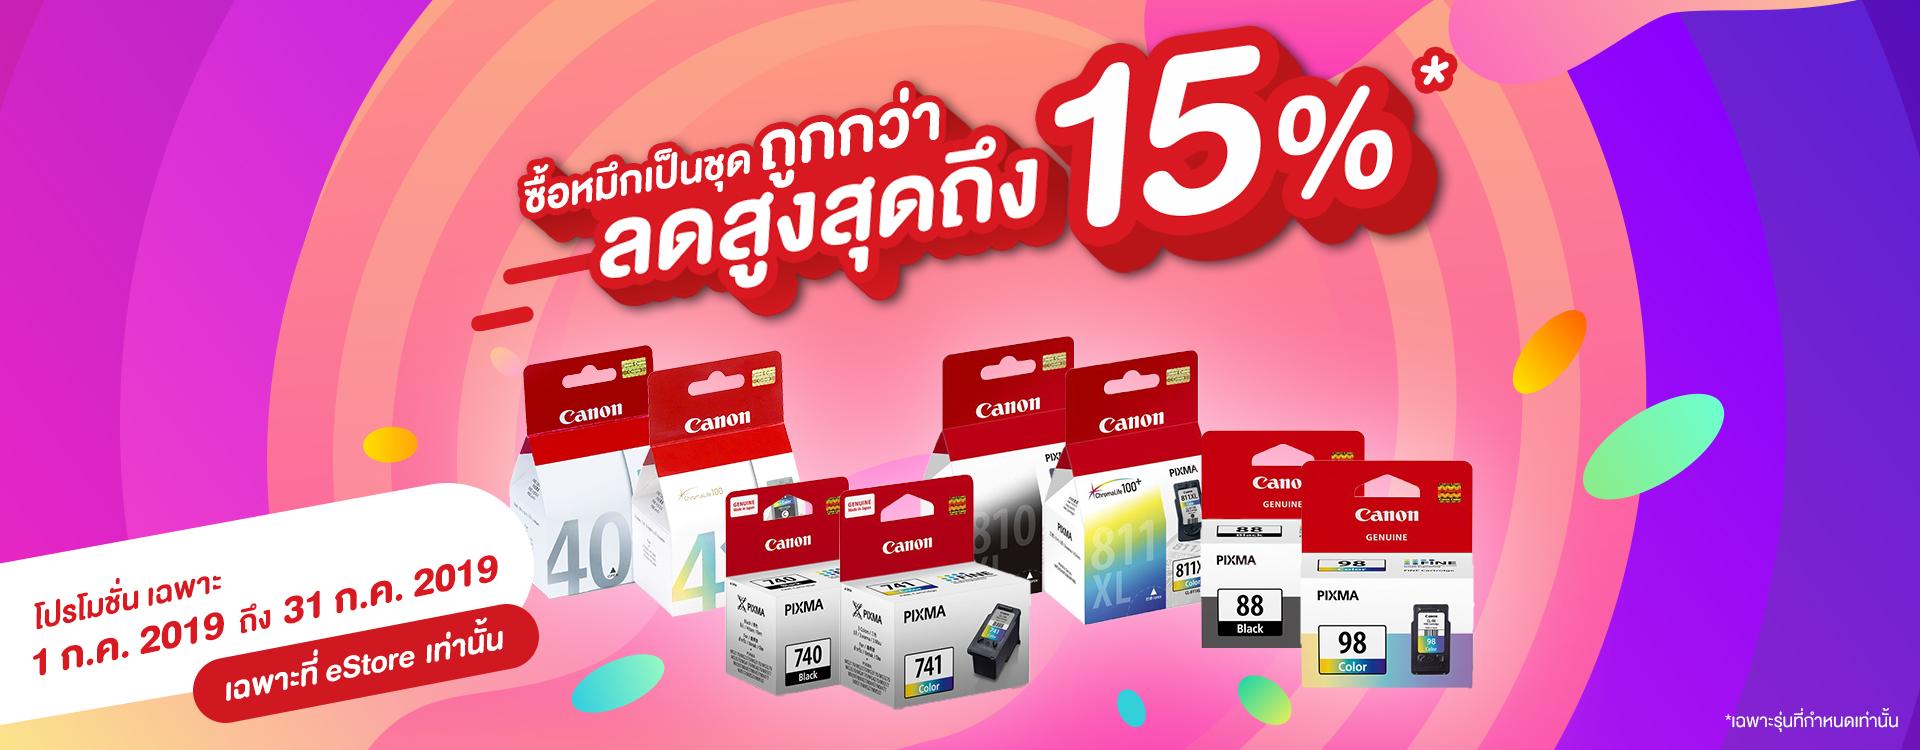 93040eea7 Home - Canon Thailand